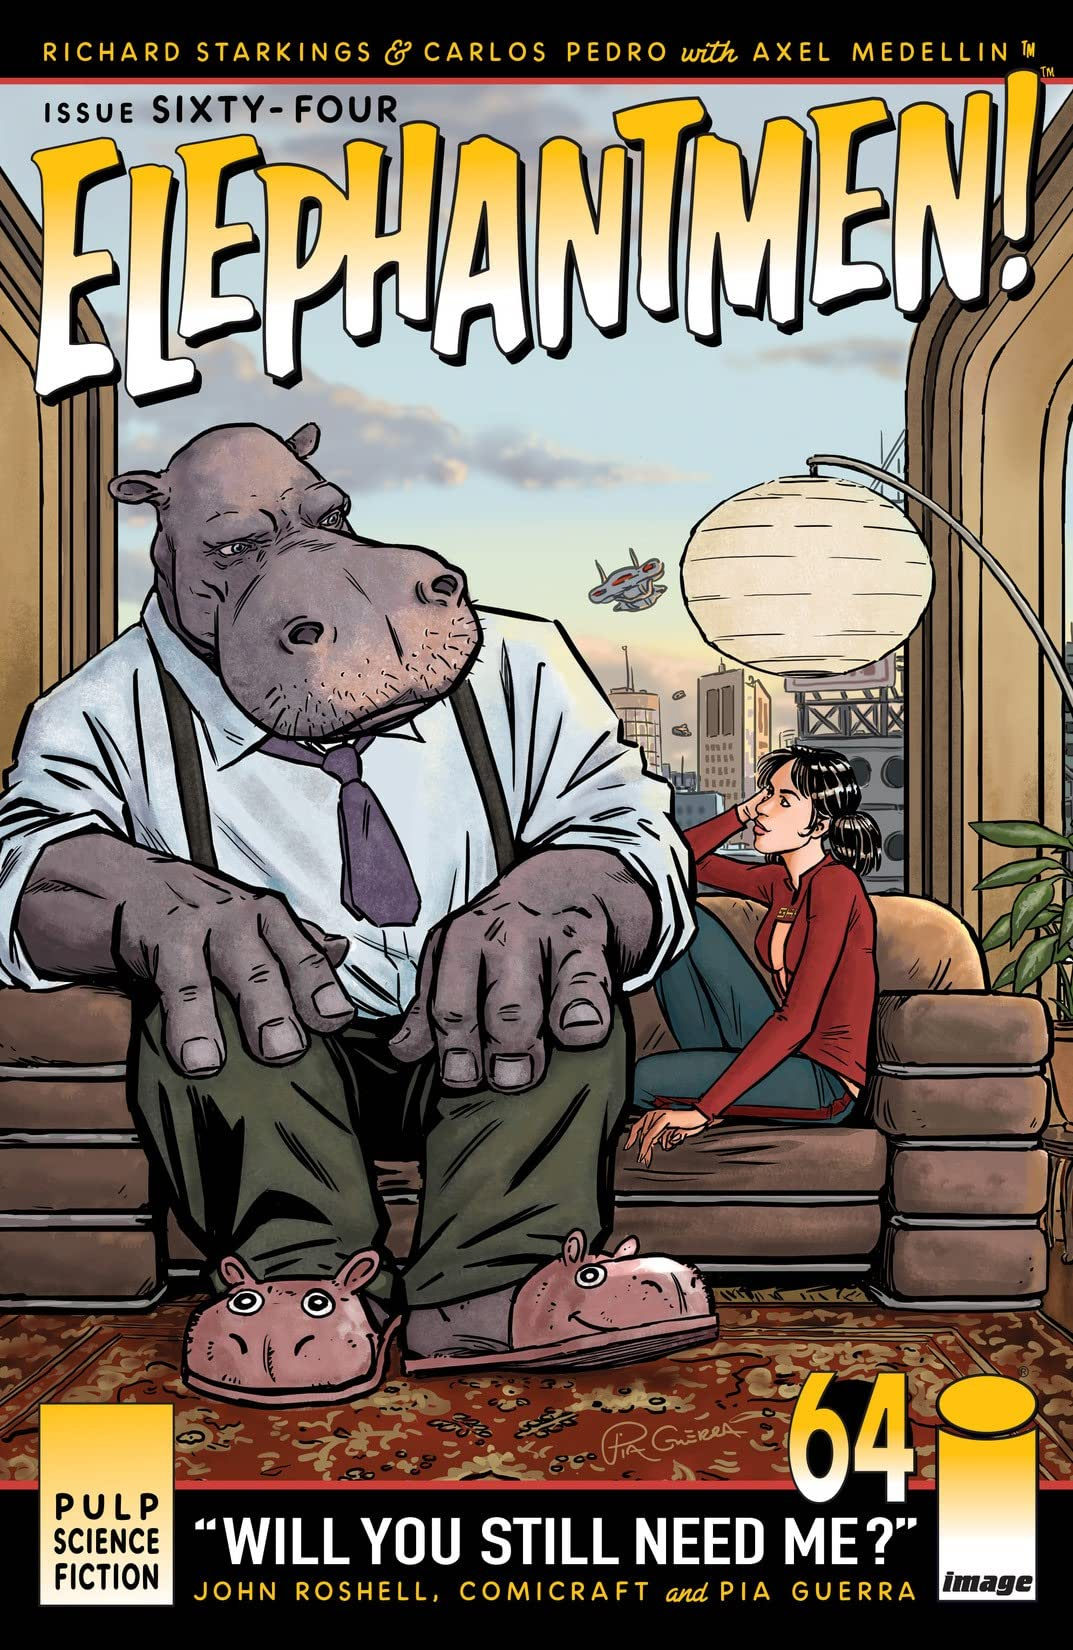 Elephantmen #64